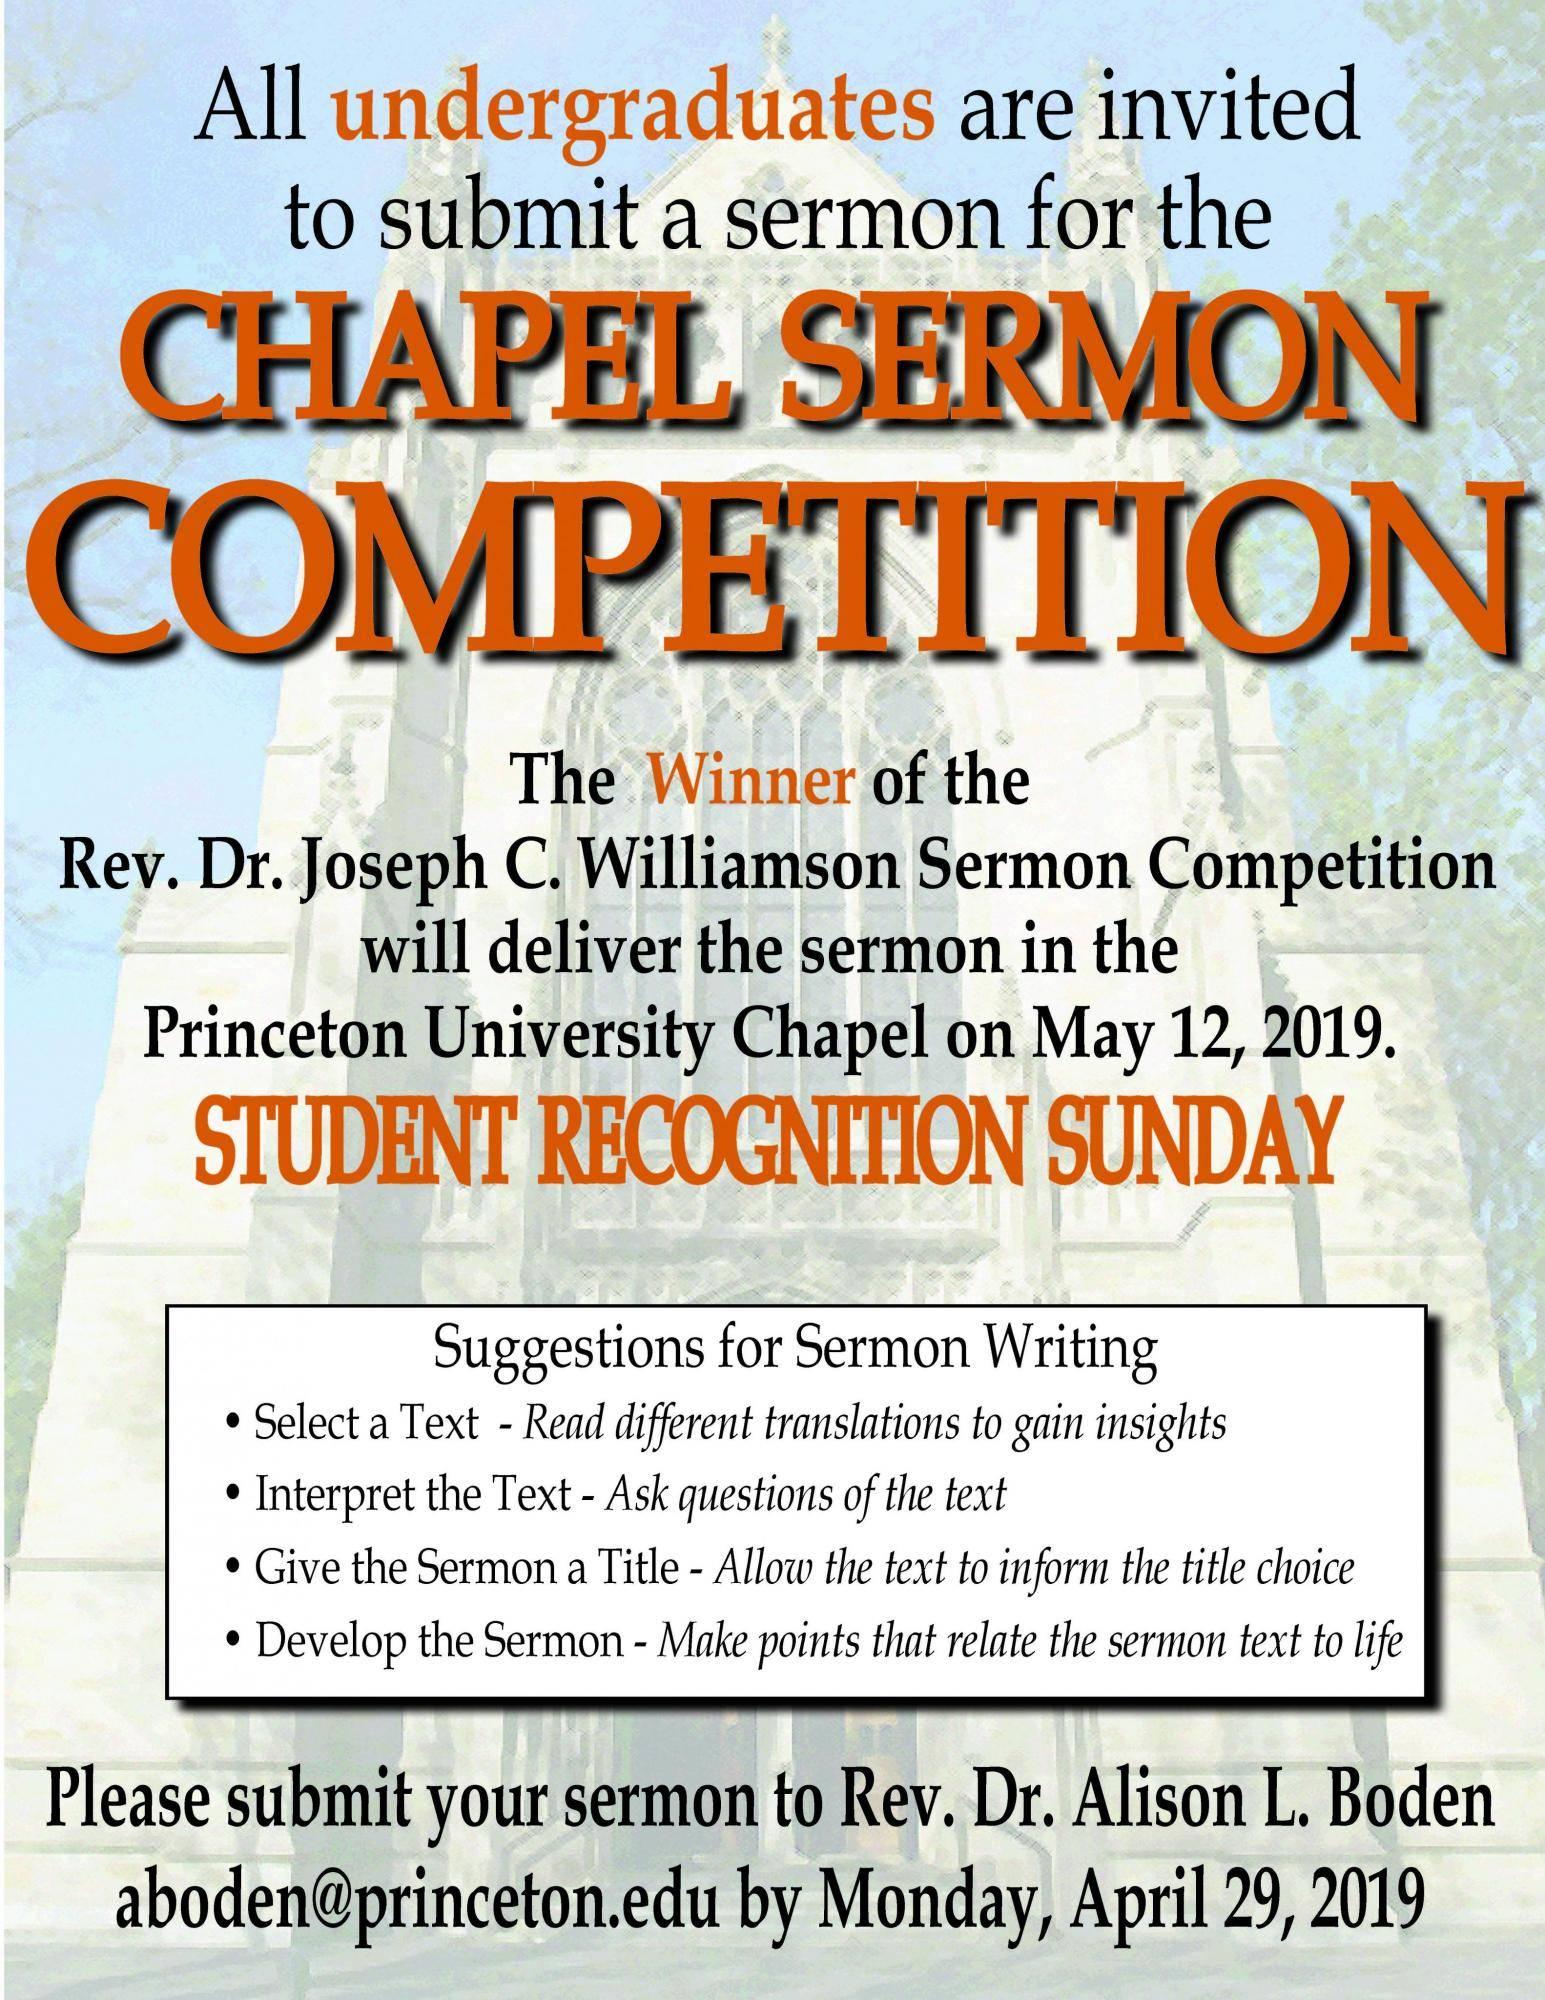 Chapel Sermon Competition - deadline April 29, 2019